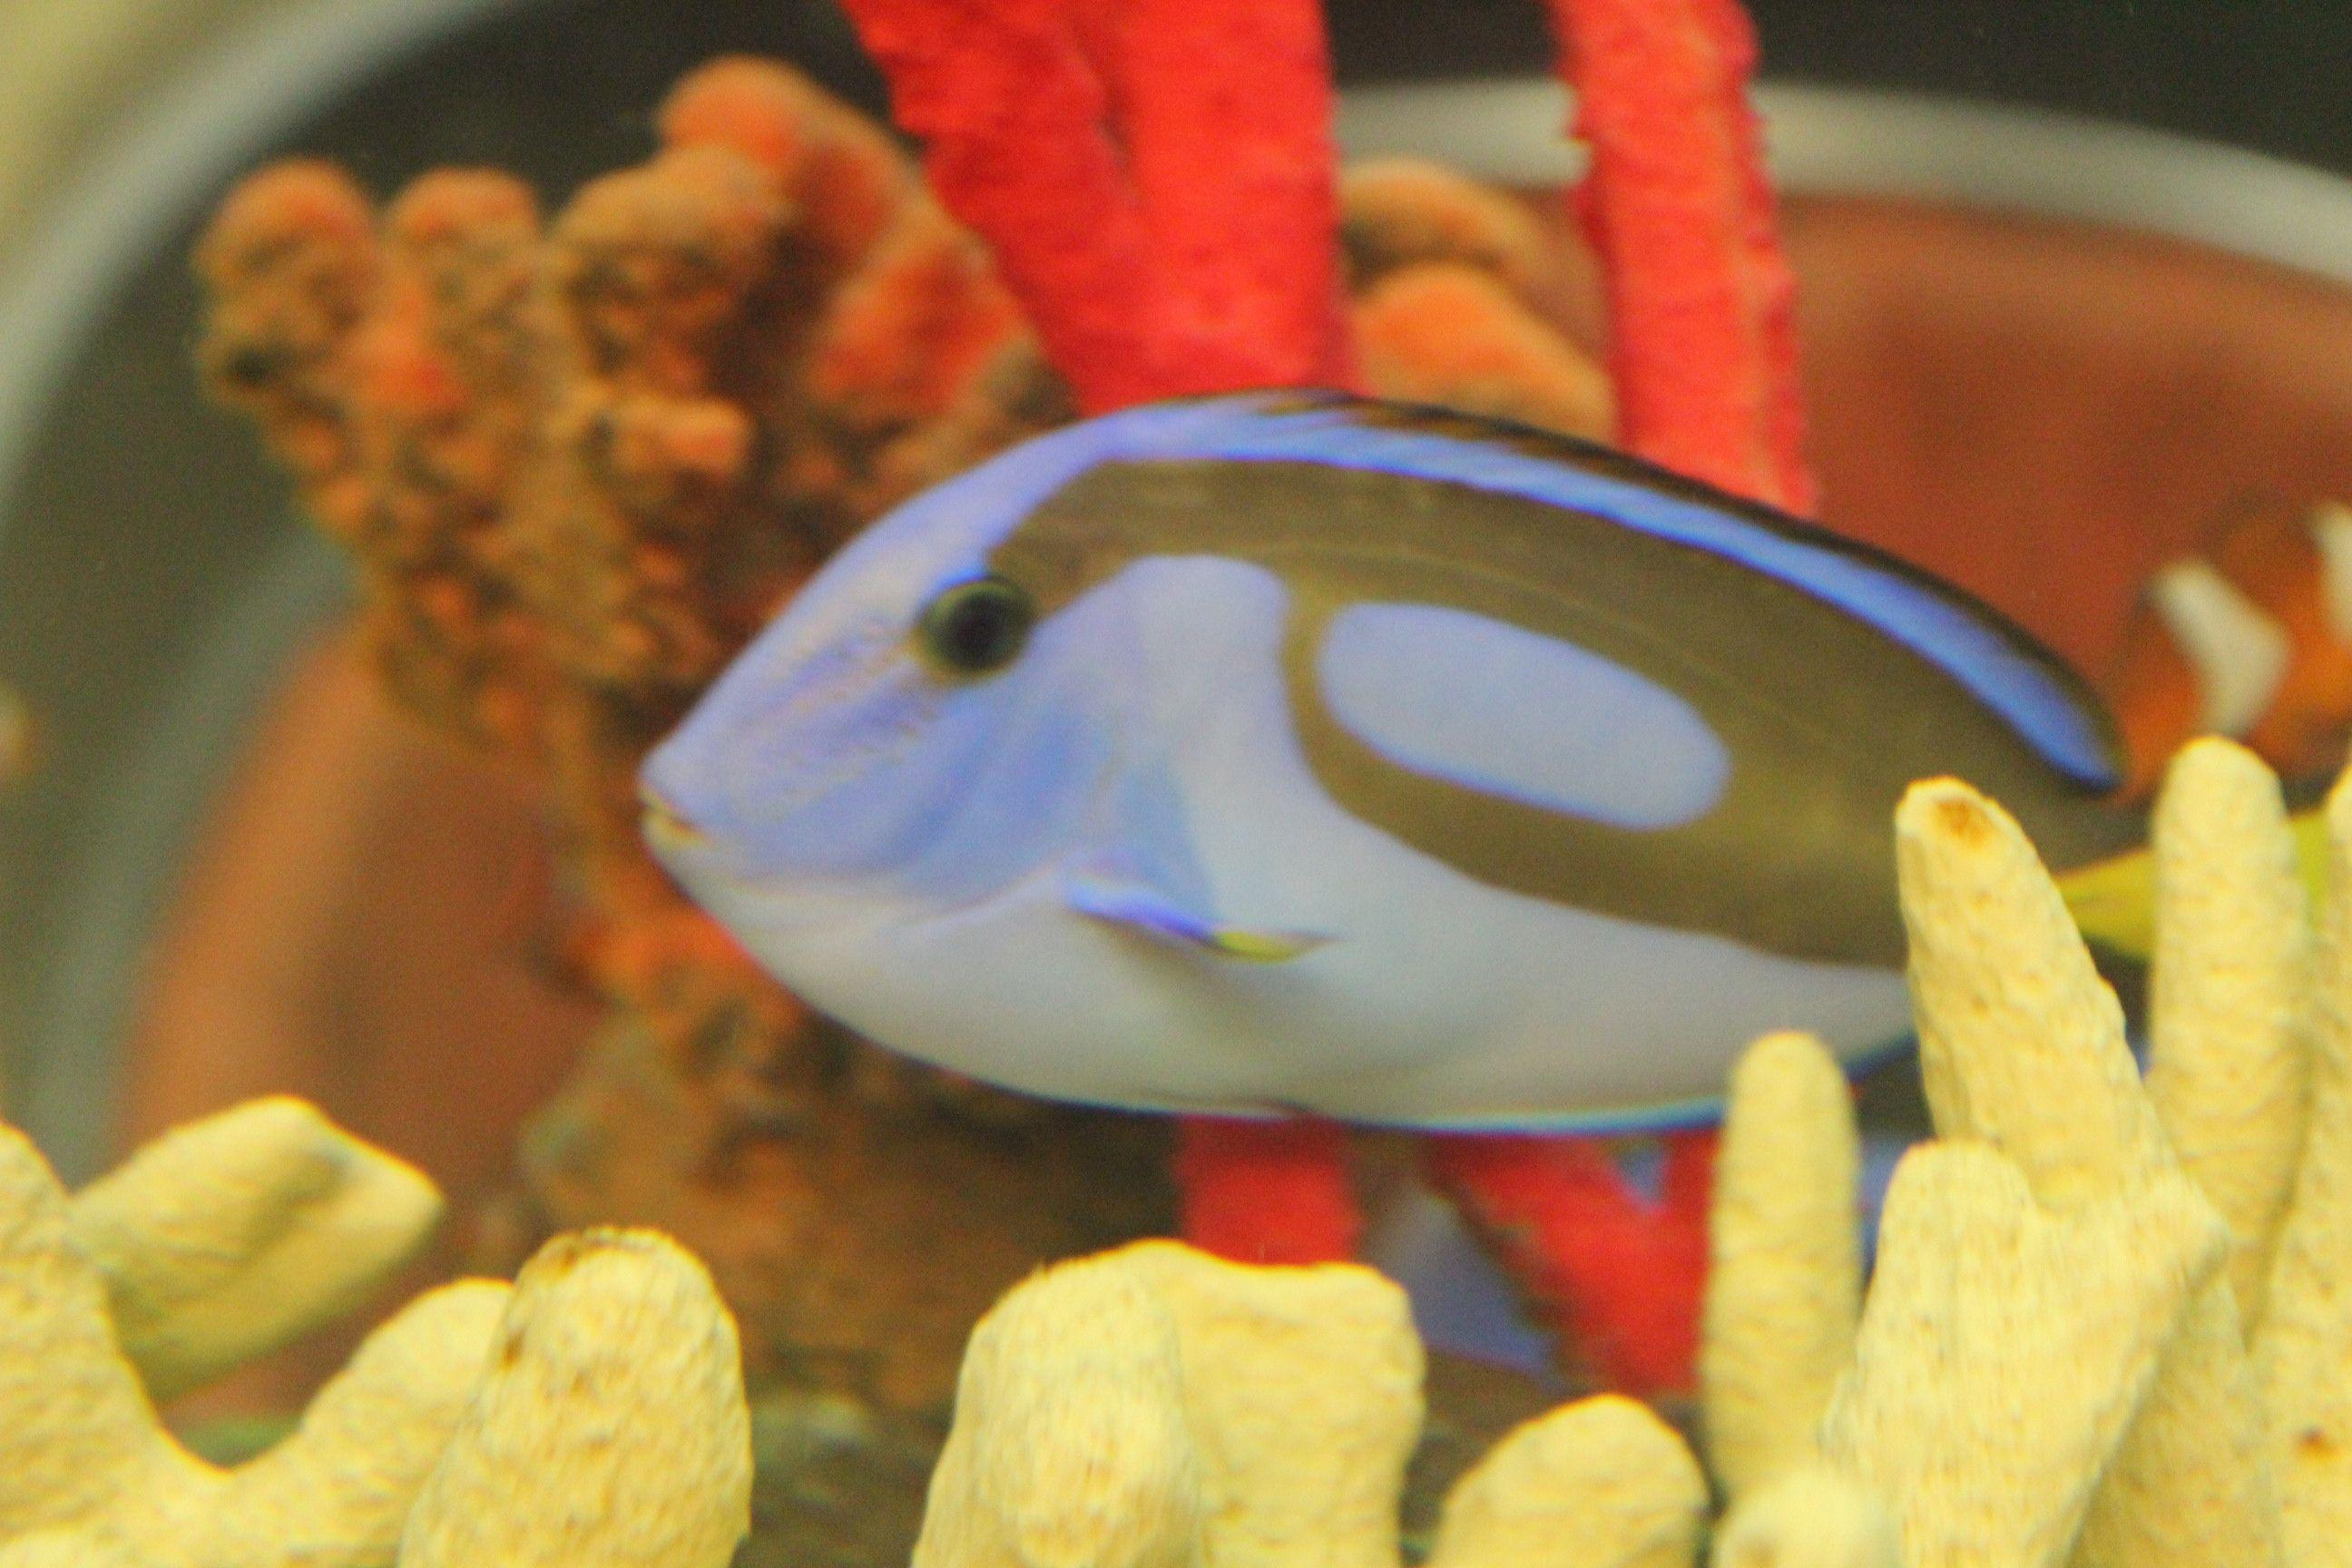 23a8988dcdad77921f648db35ff7e6c6 Frais De Aquarium Osaka Concept